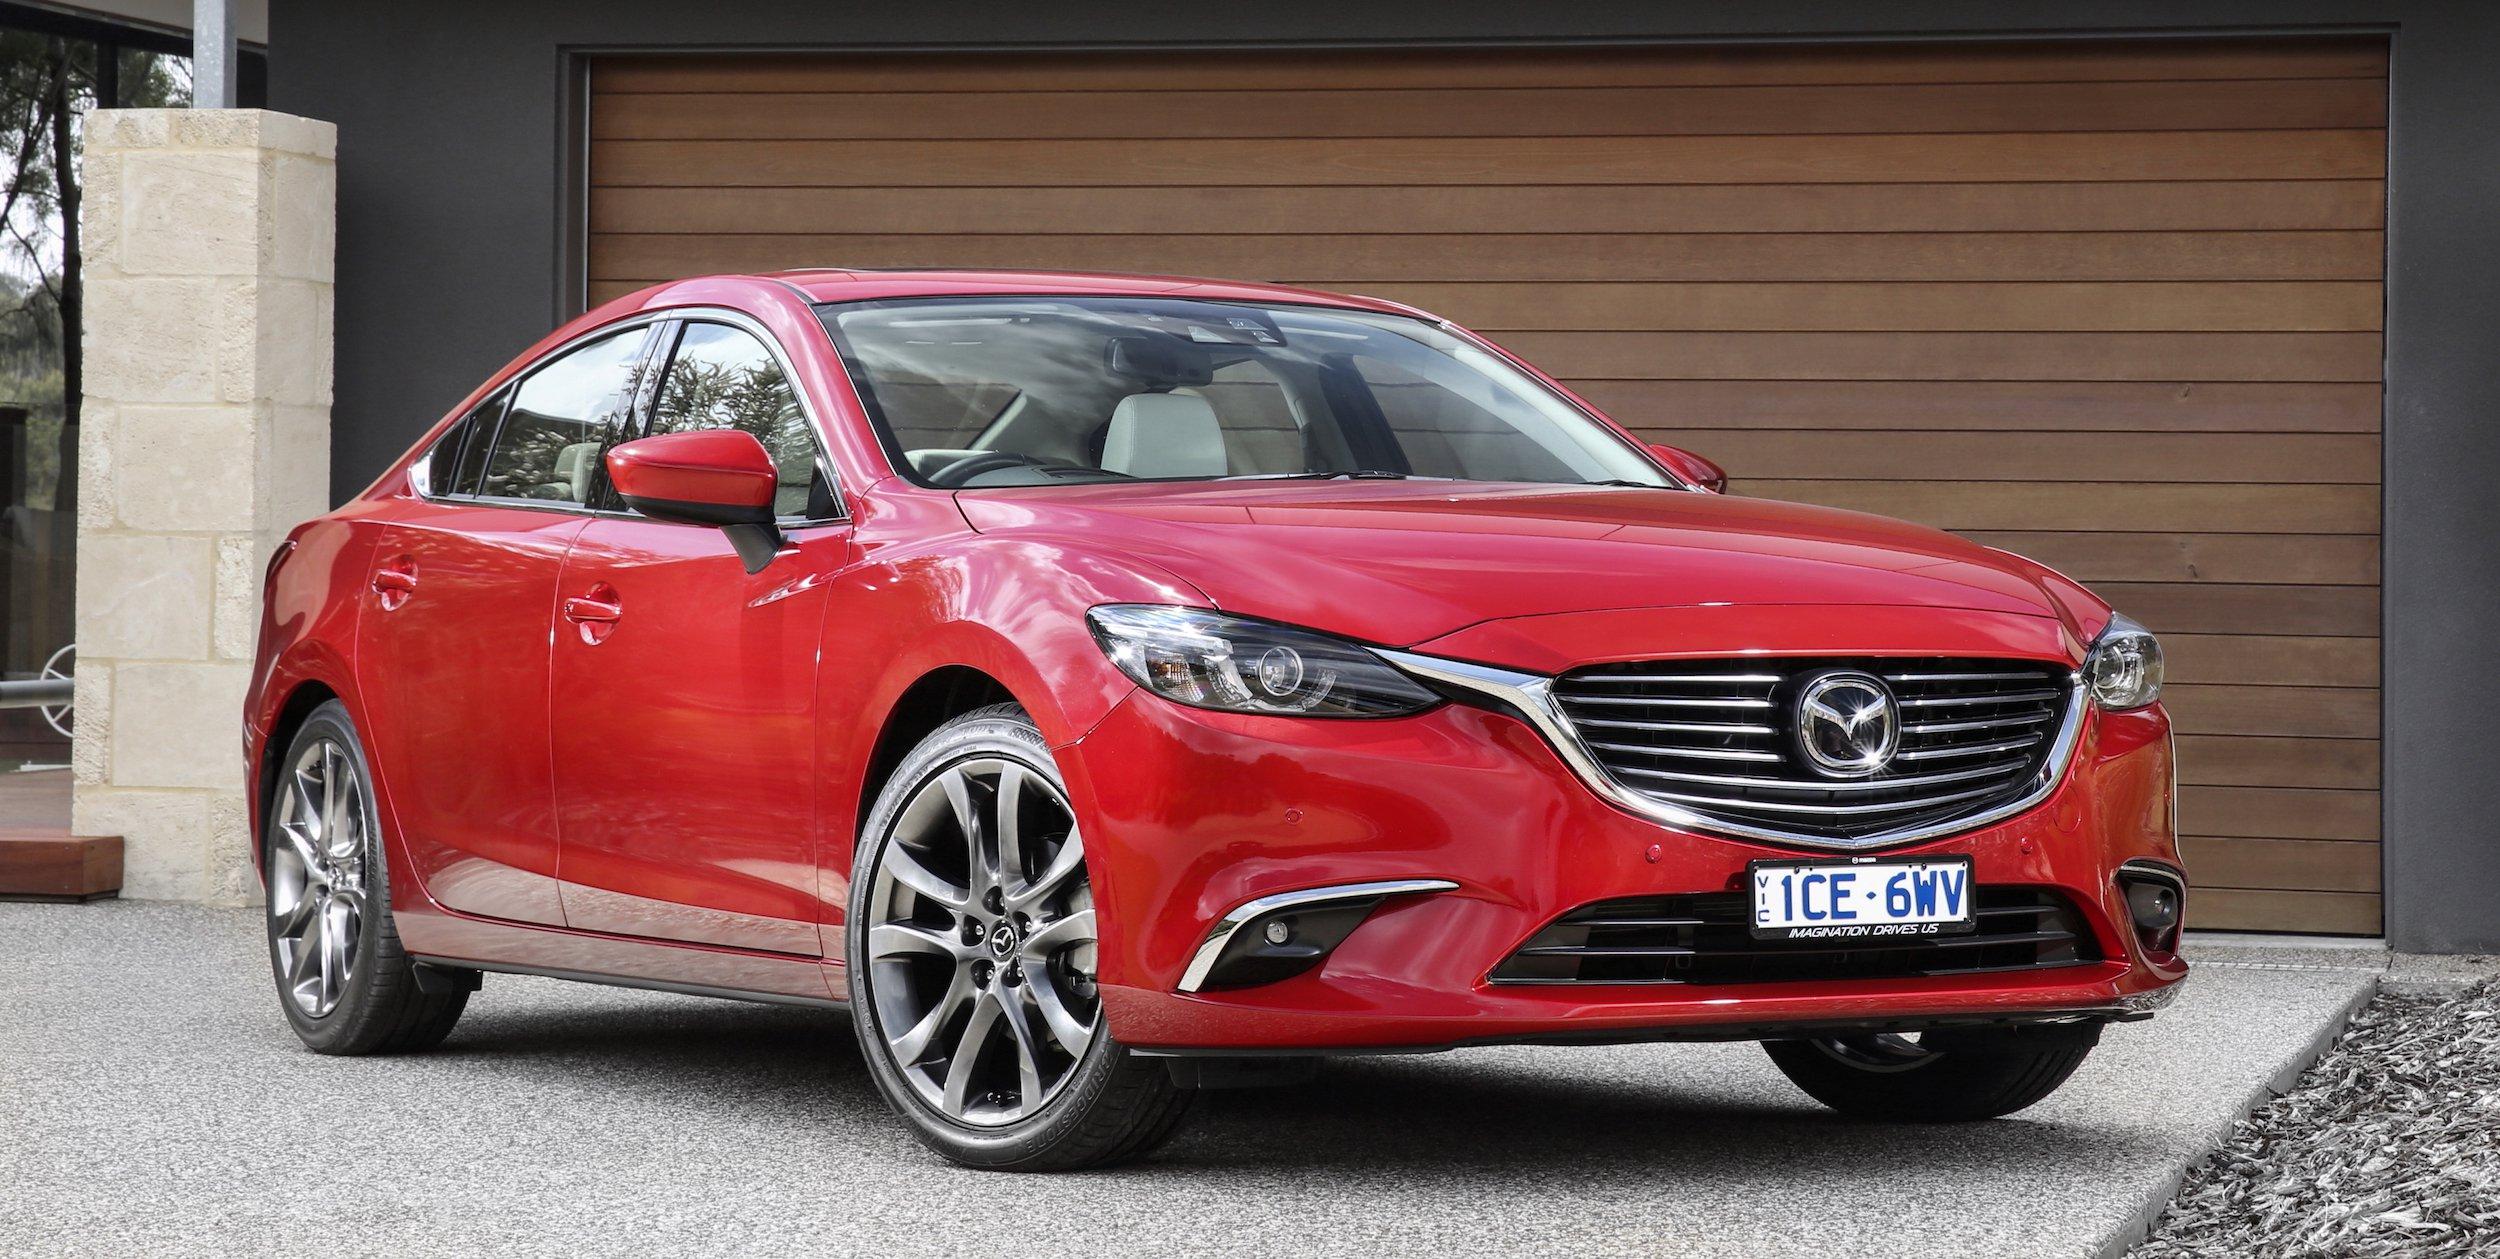 Kelebihan Kekurangan Mazda 6 2015 Perbandingan Harga